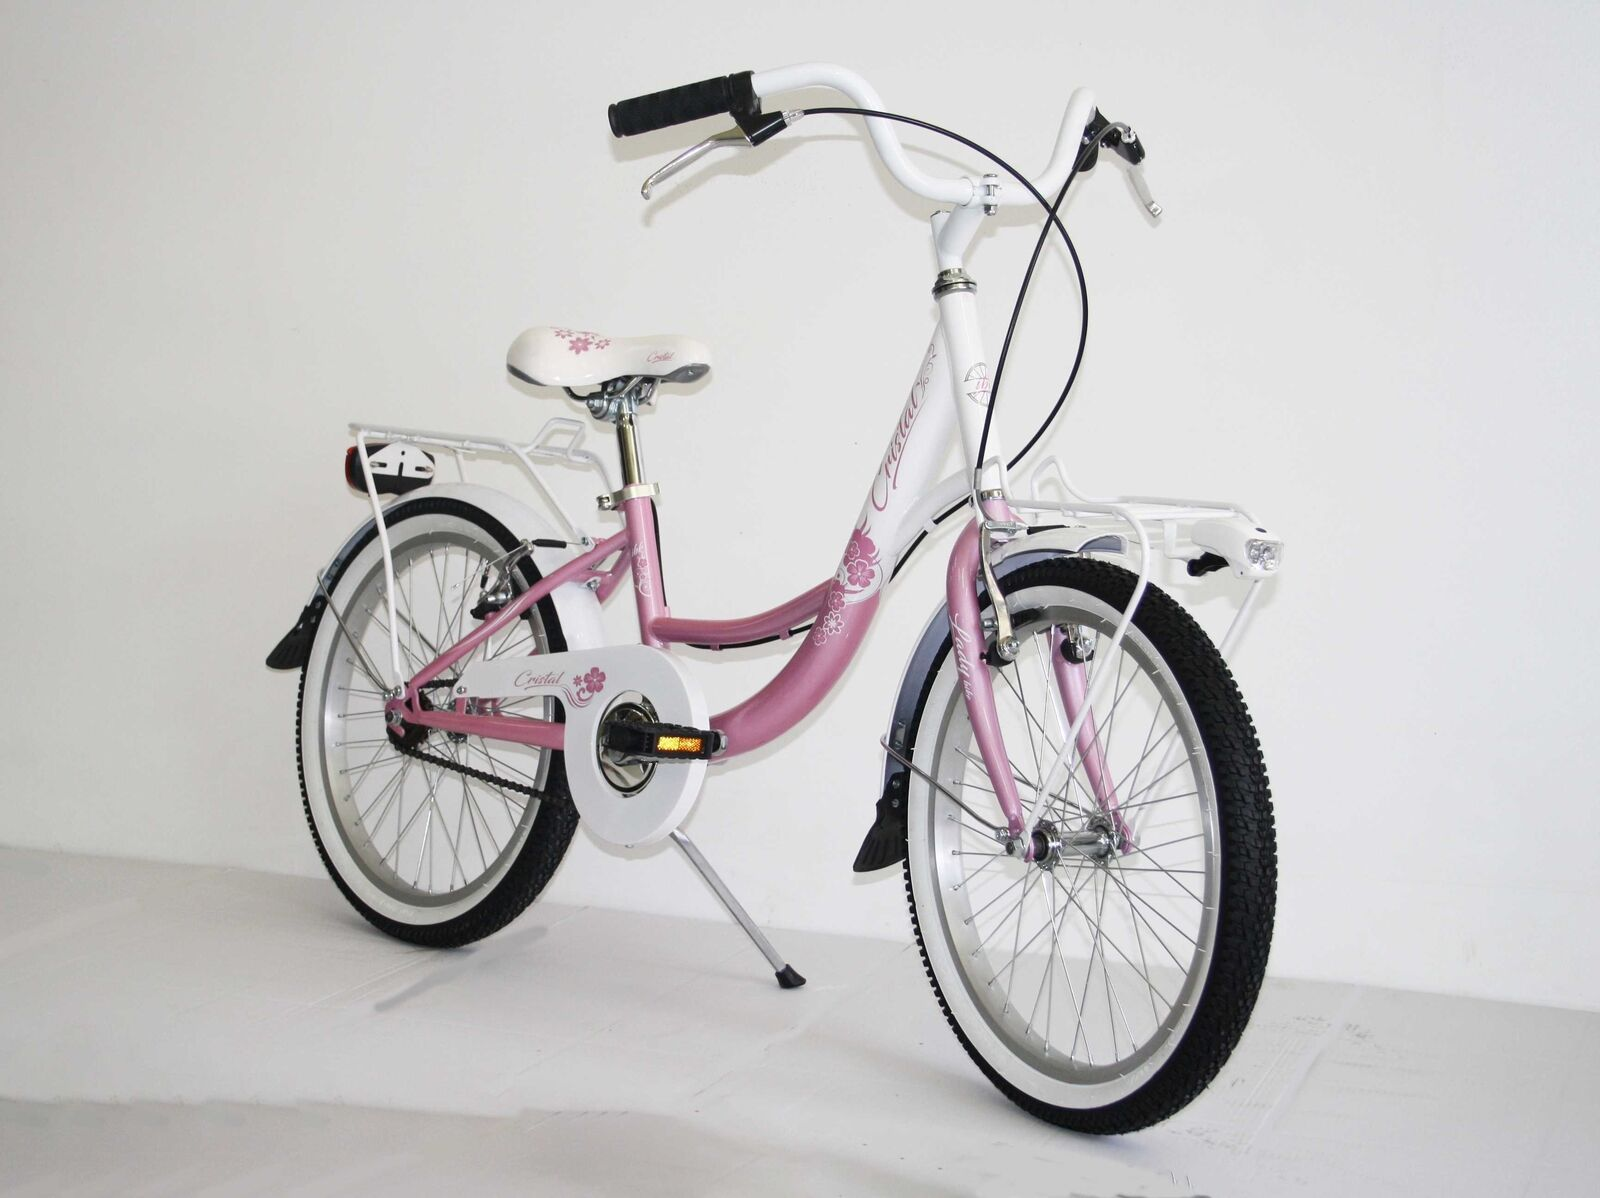 Bicicleta clásico 20  niño trekking city bike sin cambio de paseo ciclo